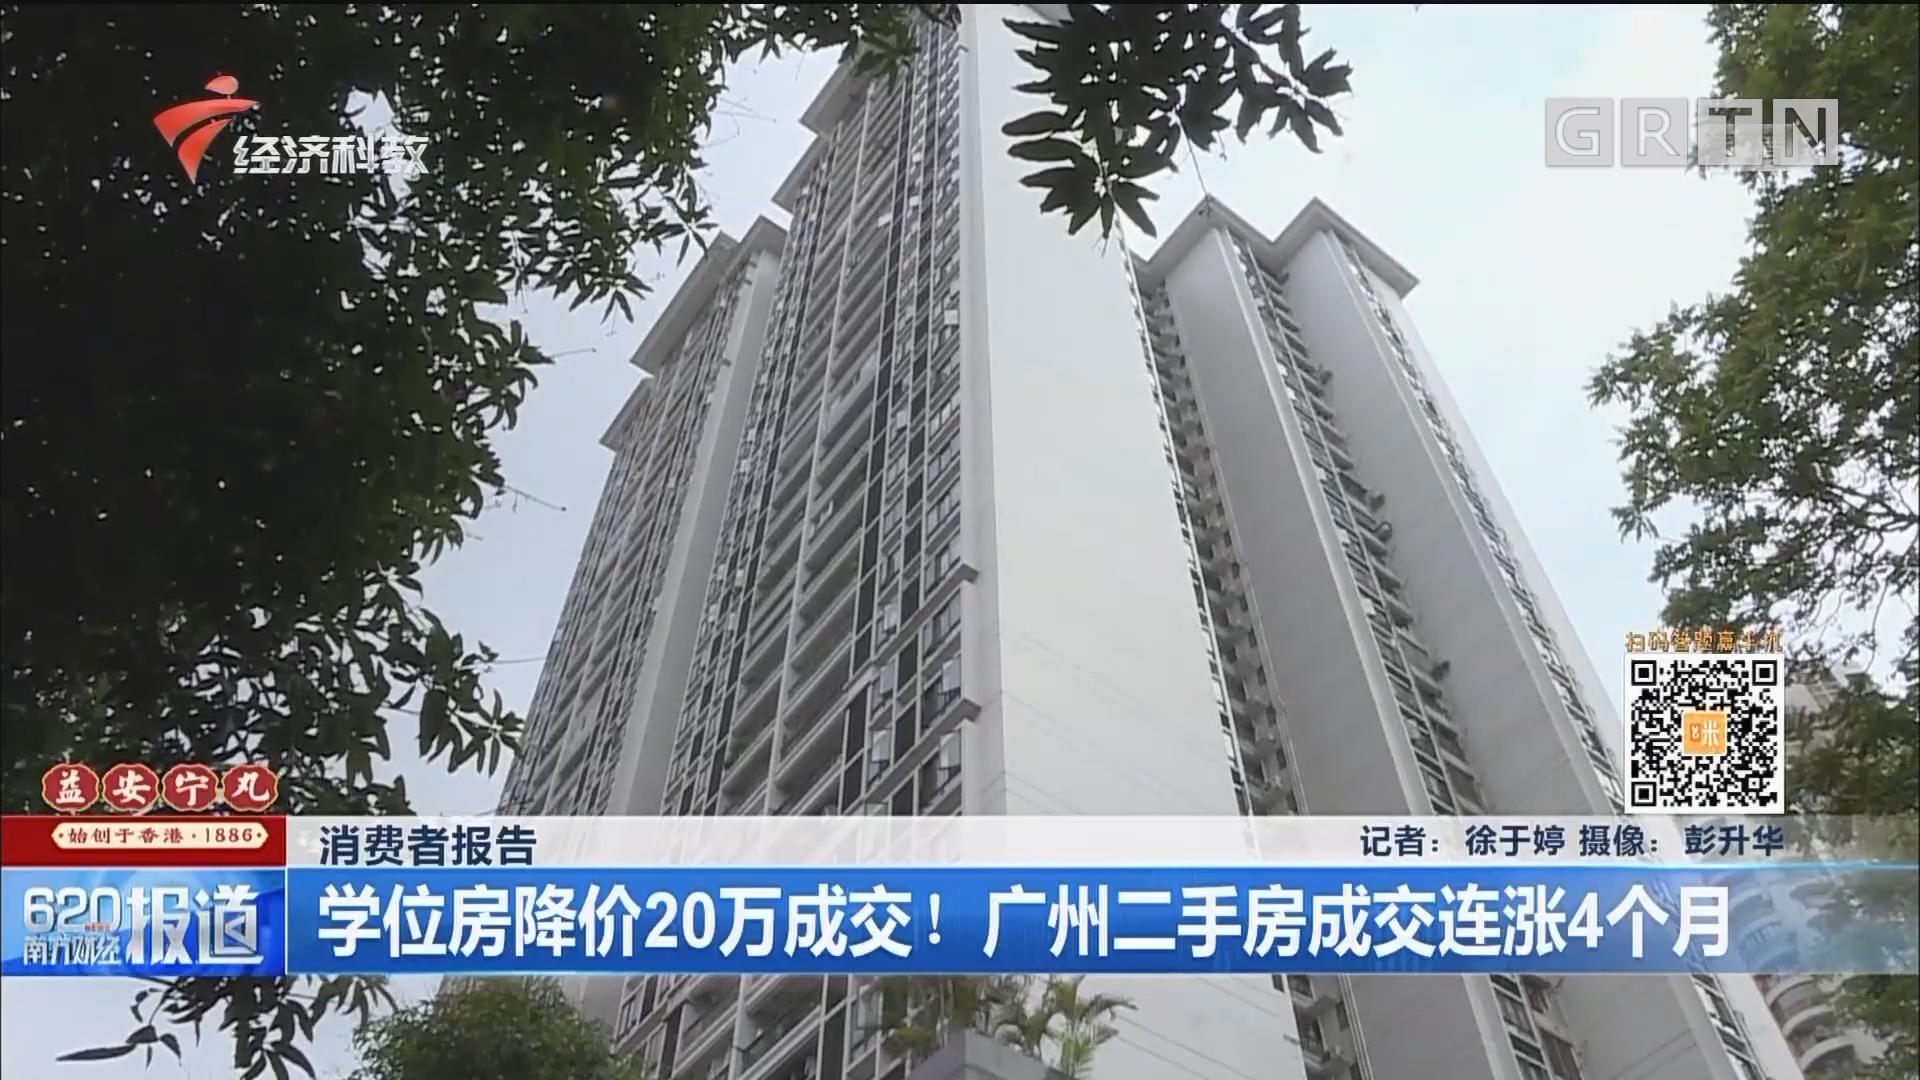 消费者报告 学位房降价20万成交!广州二手房成交连涨4个月